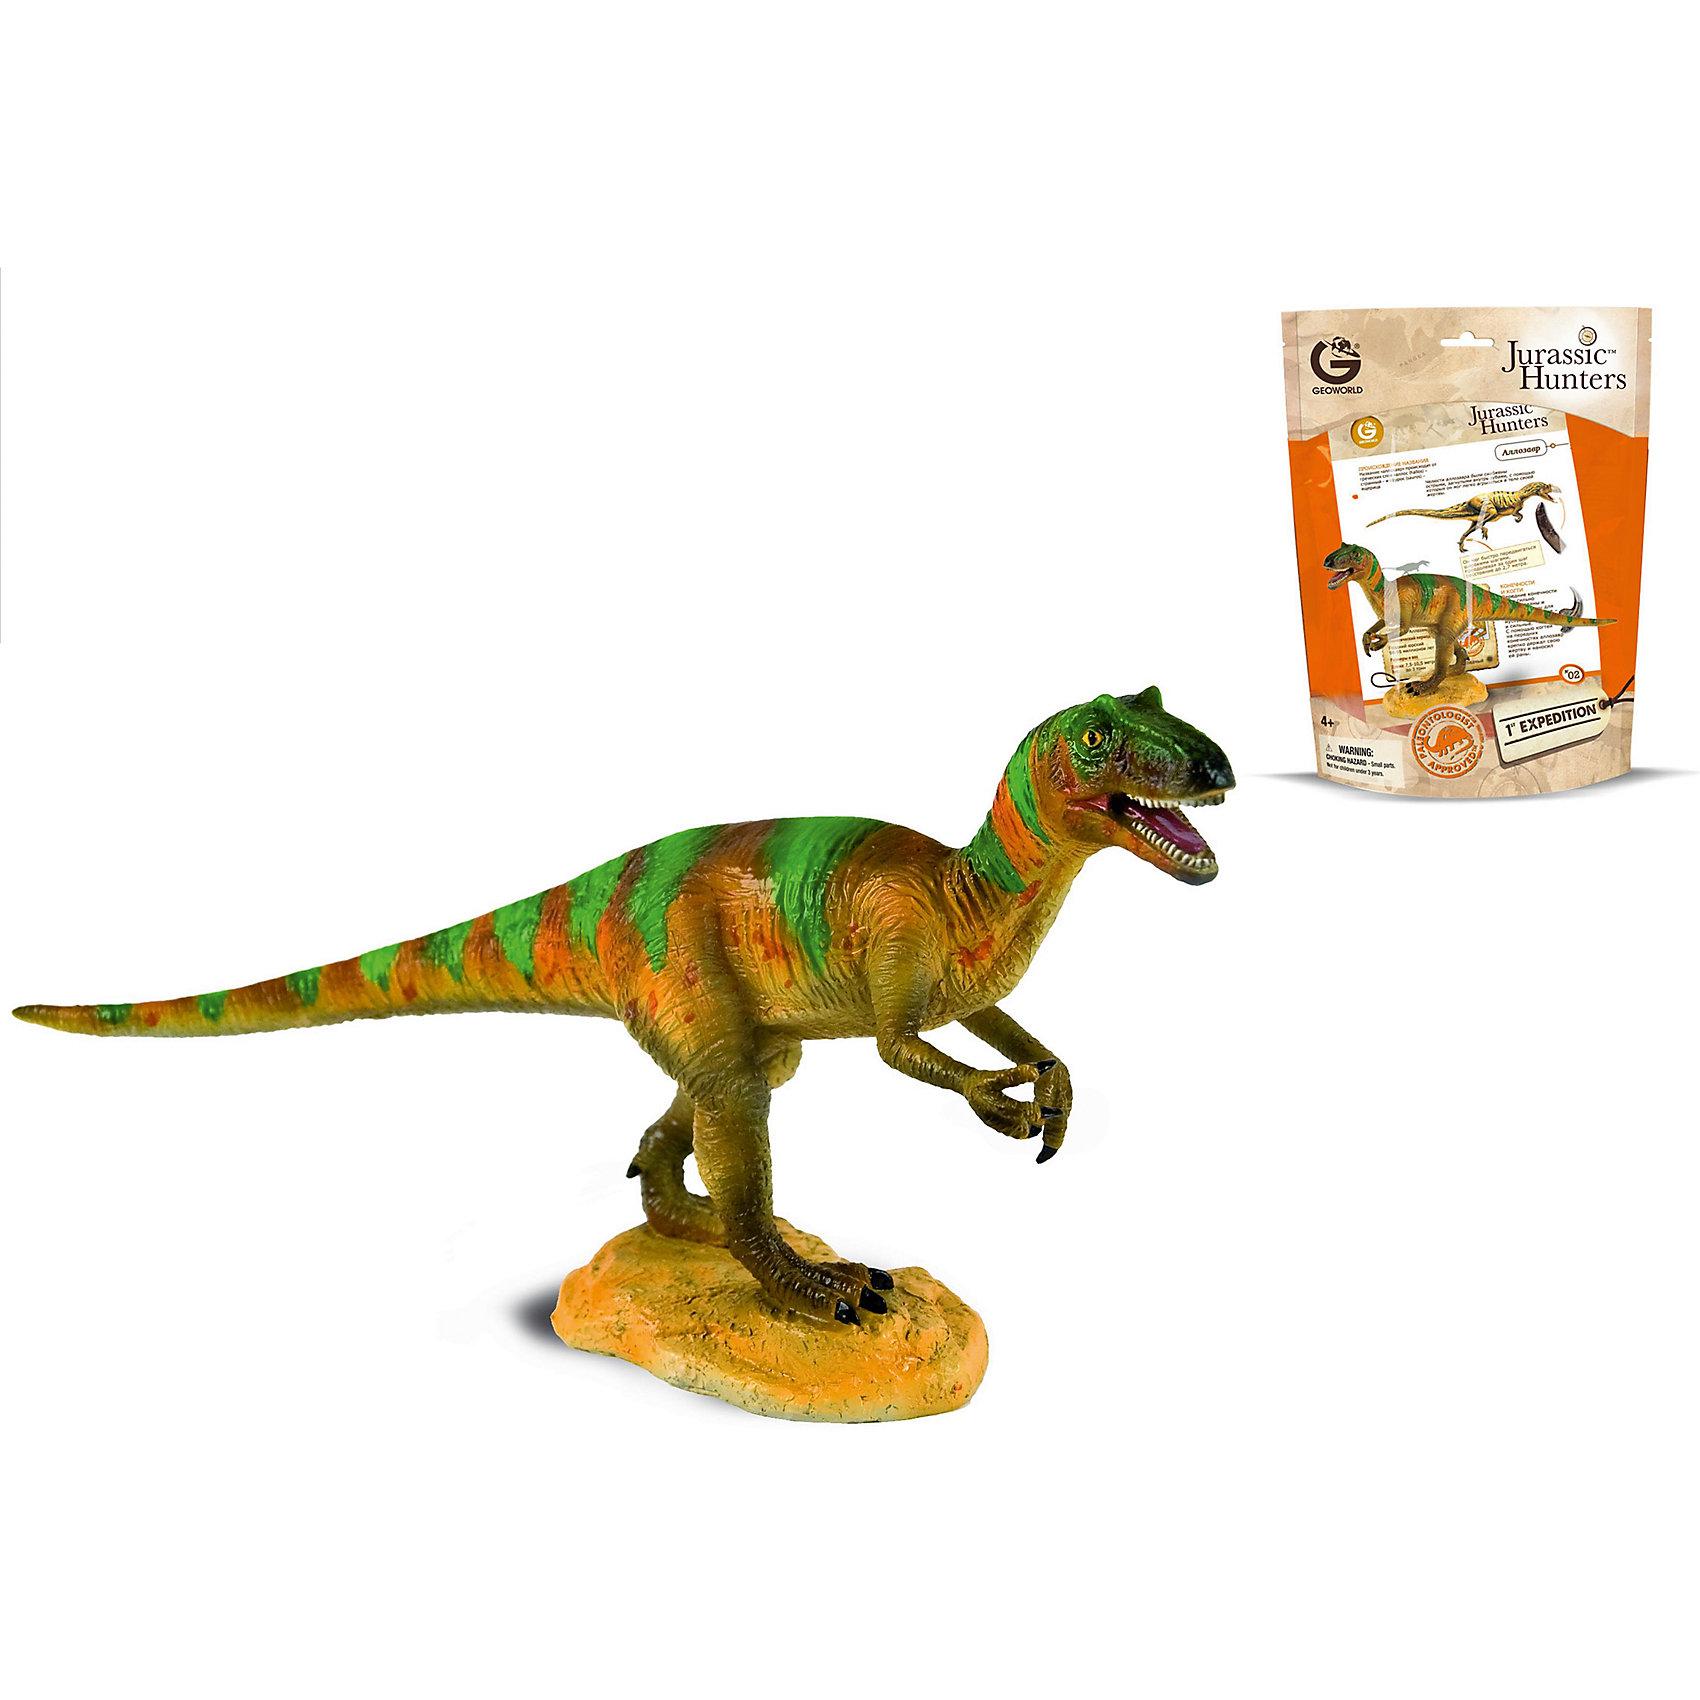 Динозавр Аллозавр, коллекция Jurassic Hunters, GeoworldДраконы и динозавры<br>Аллозавр — это древний хищный ящер, который обитал во времена Юрского периода. У него мощные задние конечности, короткие передние лапы. Больше информации об этом интересном виде дети узнают из описания, которое прилагается к этой качественной масштабной фигурке. Игрушка создана с высокой степенью достоверности и аккуратно раскрашена вручную. Компания Geoworld ставит своей целью создавать наиболее достоверные фигурки динозавров на основе прогрессивных теорий палеонтологии.<br><br>Комплект: <br><br>Фигурка динозавра; <br>Страница с научной информацией о динозавре;<br>Мини-буклет с указанием полной коллекции Jurassic Hunters (Охотников за Динозаврами).<br><br><br>Основные характеристики:<br><br>Размер упаковки: 34 х 21 х 8 см<br>Длина самой игрушки: 20 см<br><br>Ширина мм: 210<br>Глубина мм: 80<br>Высота мм: 270<br>Вес г: 112<br>Возраст от месяцев: 48<br>Возраст до месяцев: 108<br>Пол: Унисекс<br>Возраст: Детский<br>SKU: 5418995